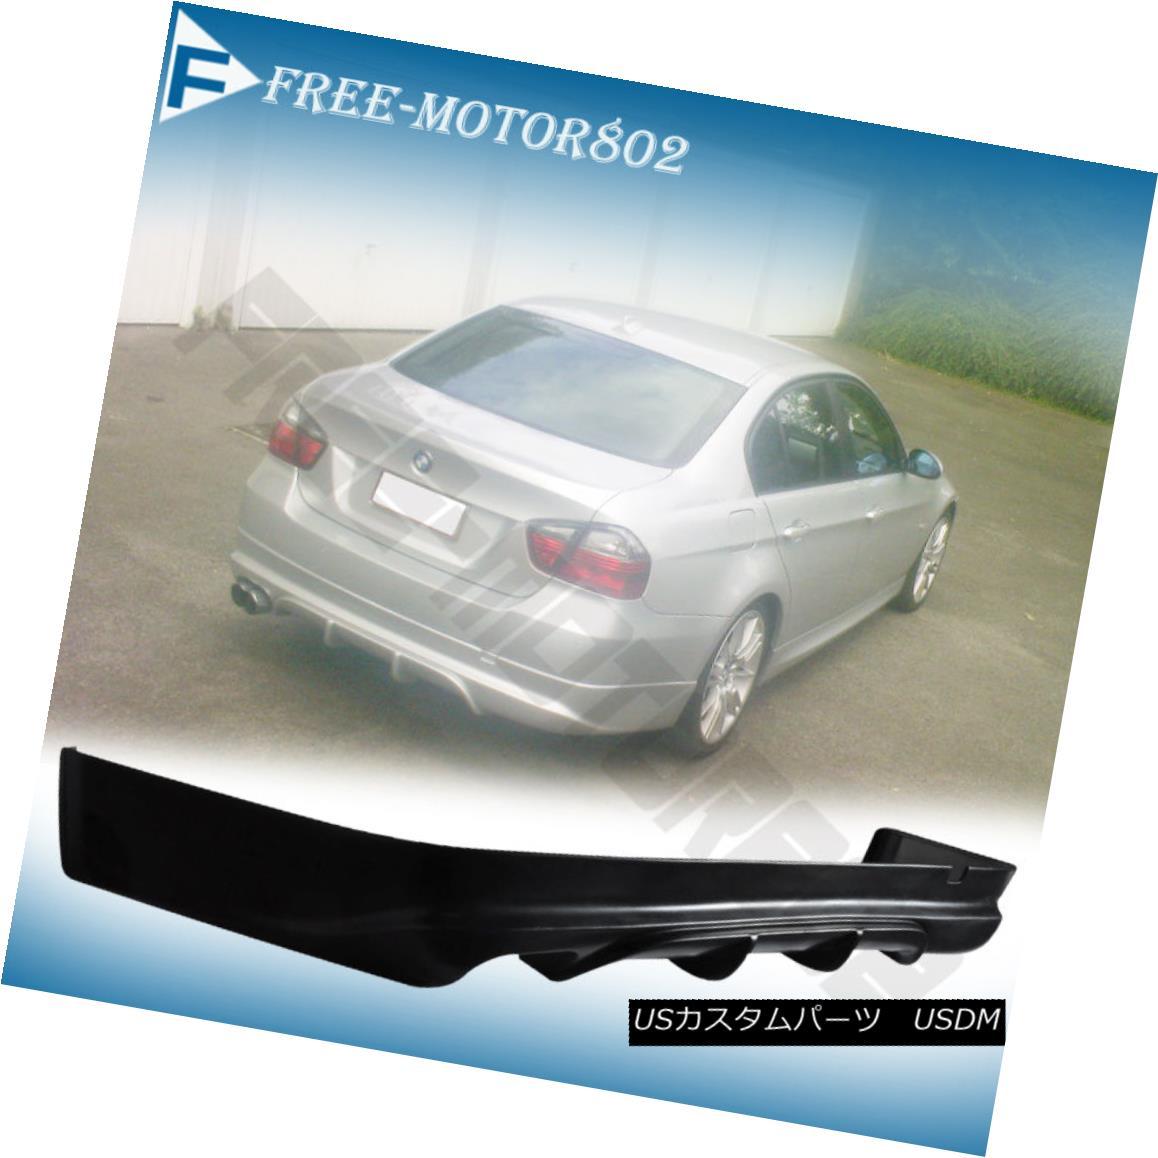 エアロパーツ FOR 05-08 BMW E90 3-SERIES SEDAN 4DOOR AC REAR BUMPER LIP SPOILER BODYKIT PU FOR 05-08 BMW E90 3-SERIES SEDAN 4DOOR ACリア・バンパー・リップ・スポイラーBODYKIT PU